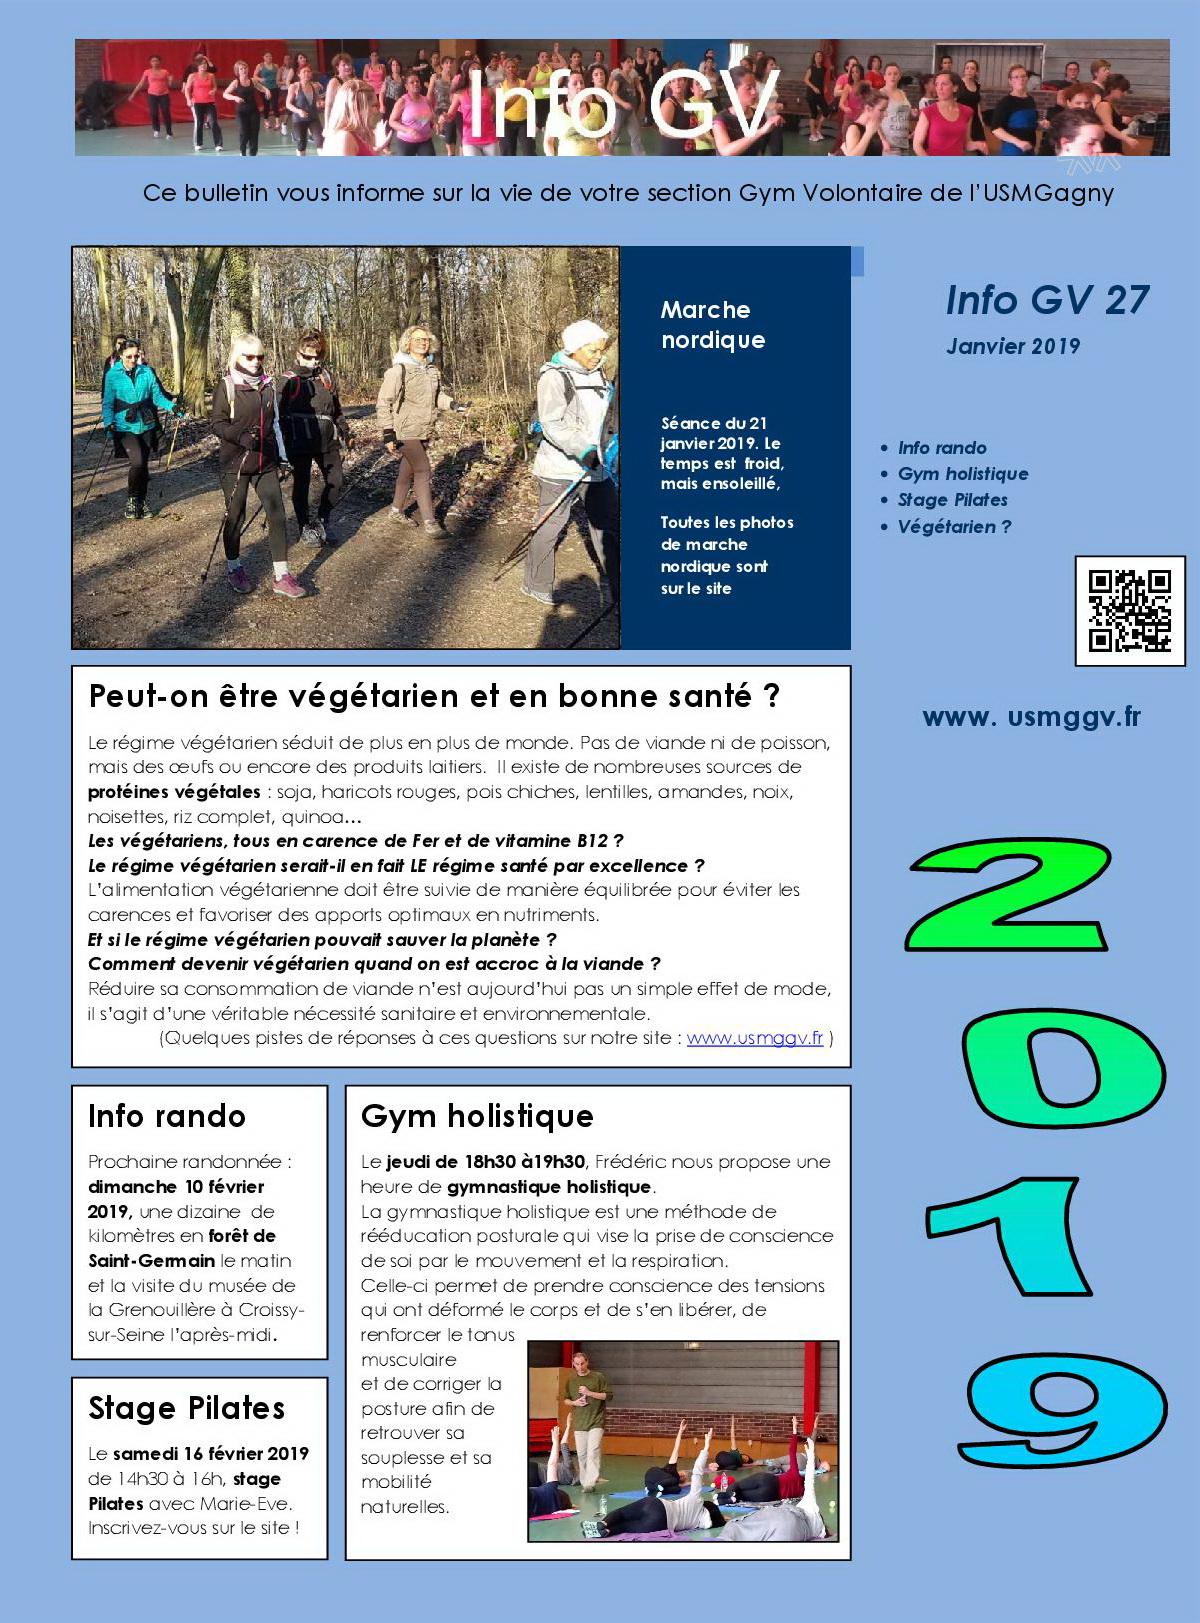 Info gv 27